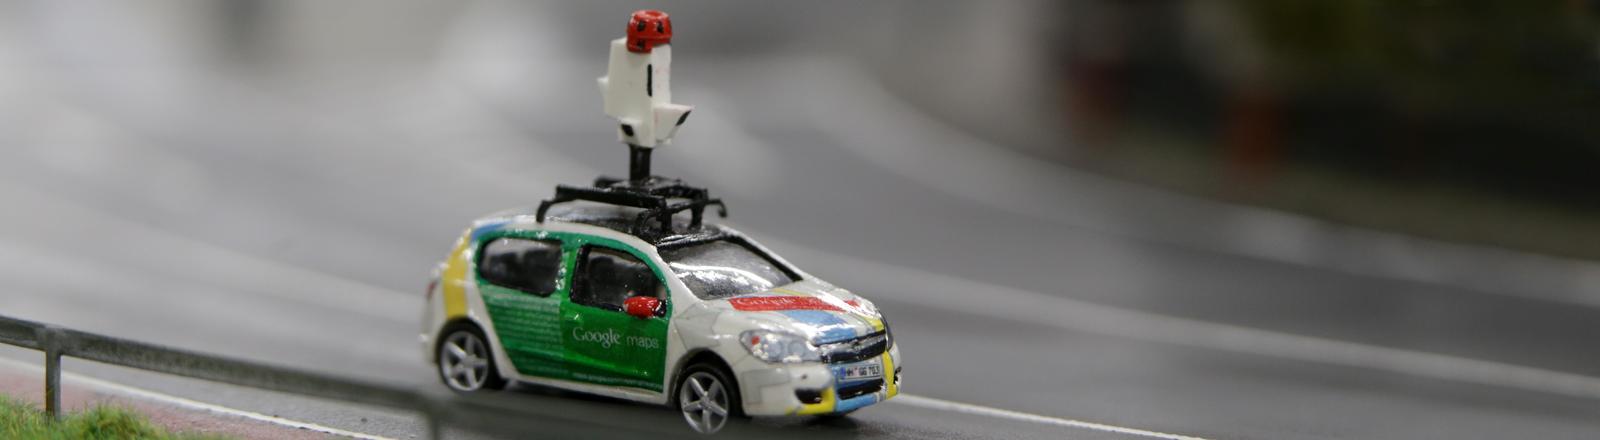 Ein Modellfahrzeug eines Google Maps Cars steht am 13.01.2016 in Hamburg in der Modellanlage des Miniatur Wunderland.